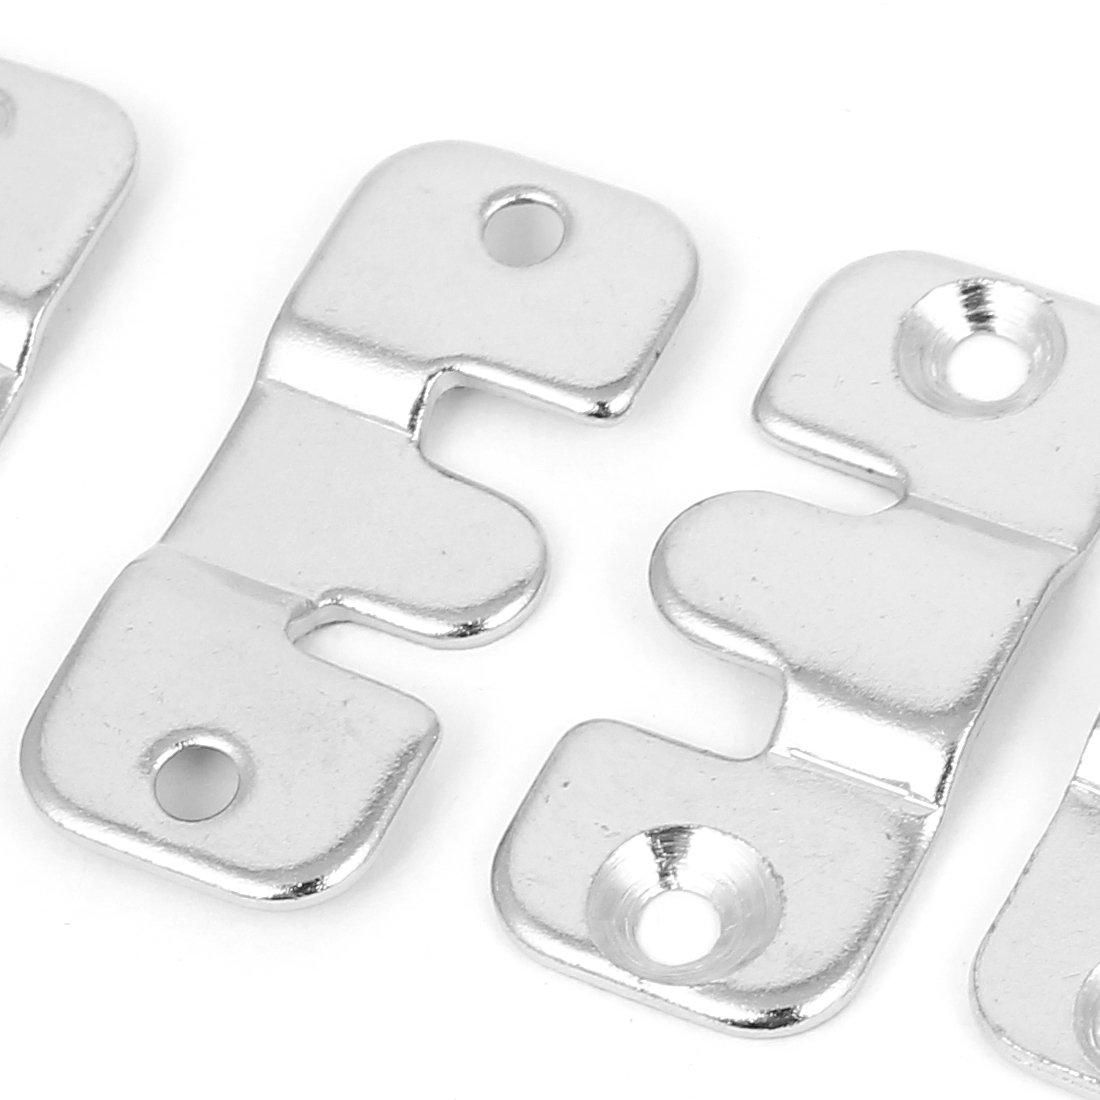 50 St/ück Silber Metallverbinder M/öbelverbinder Bettverbinder Couchverbinder de